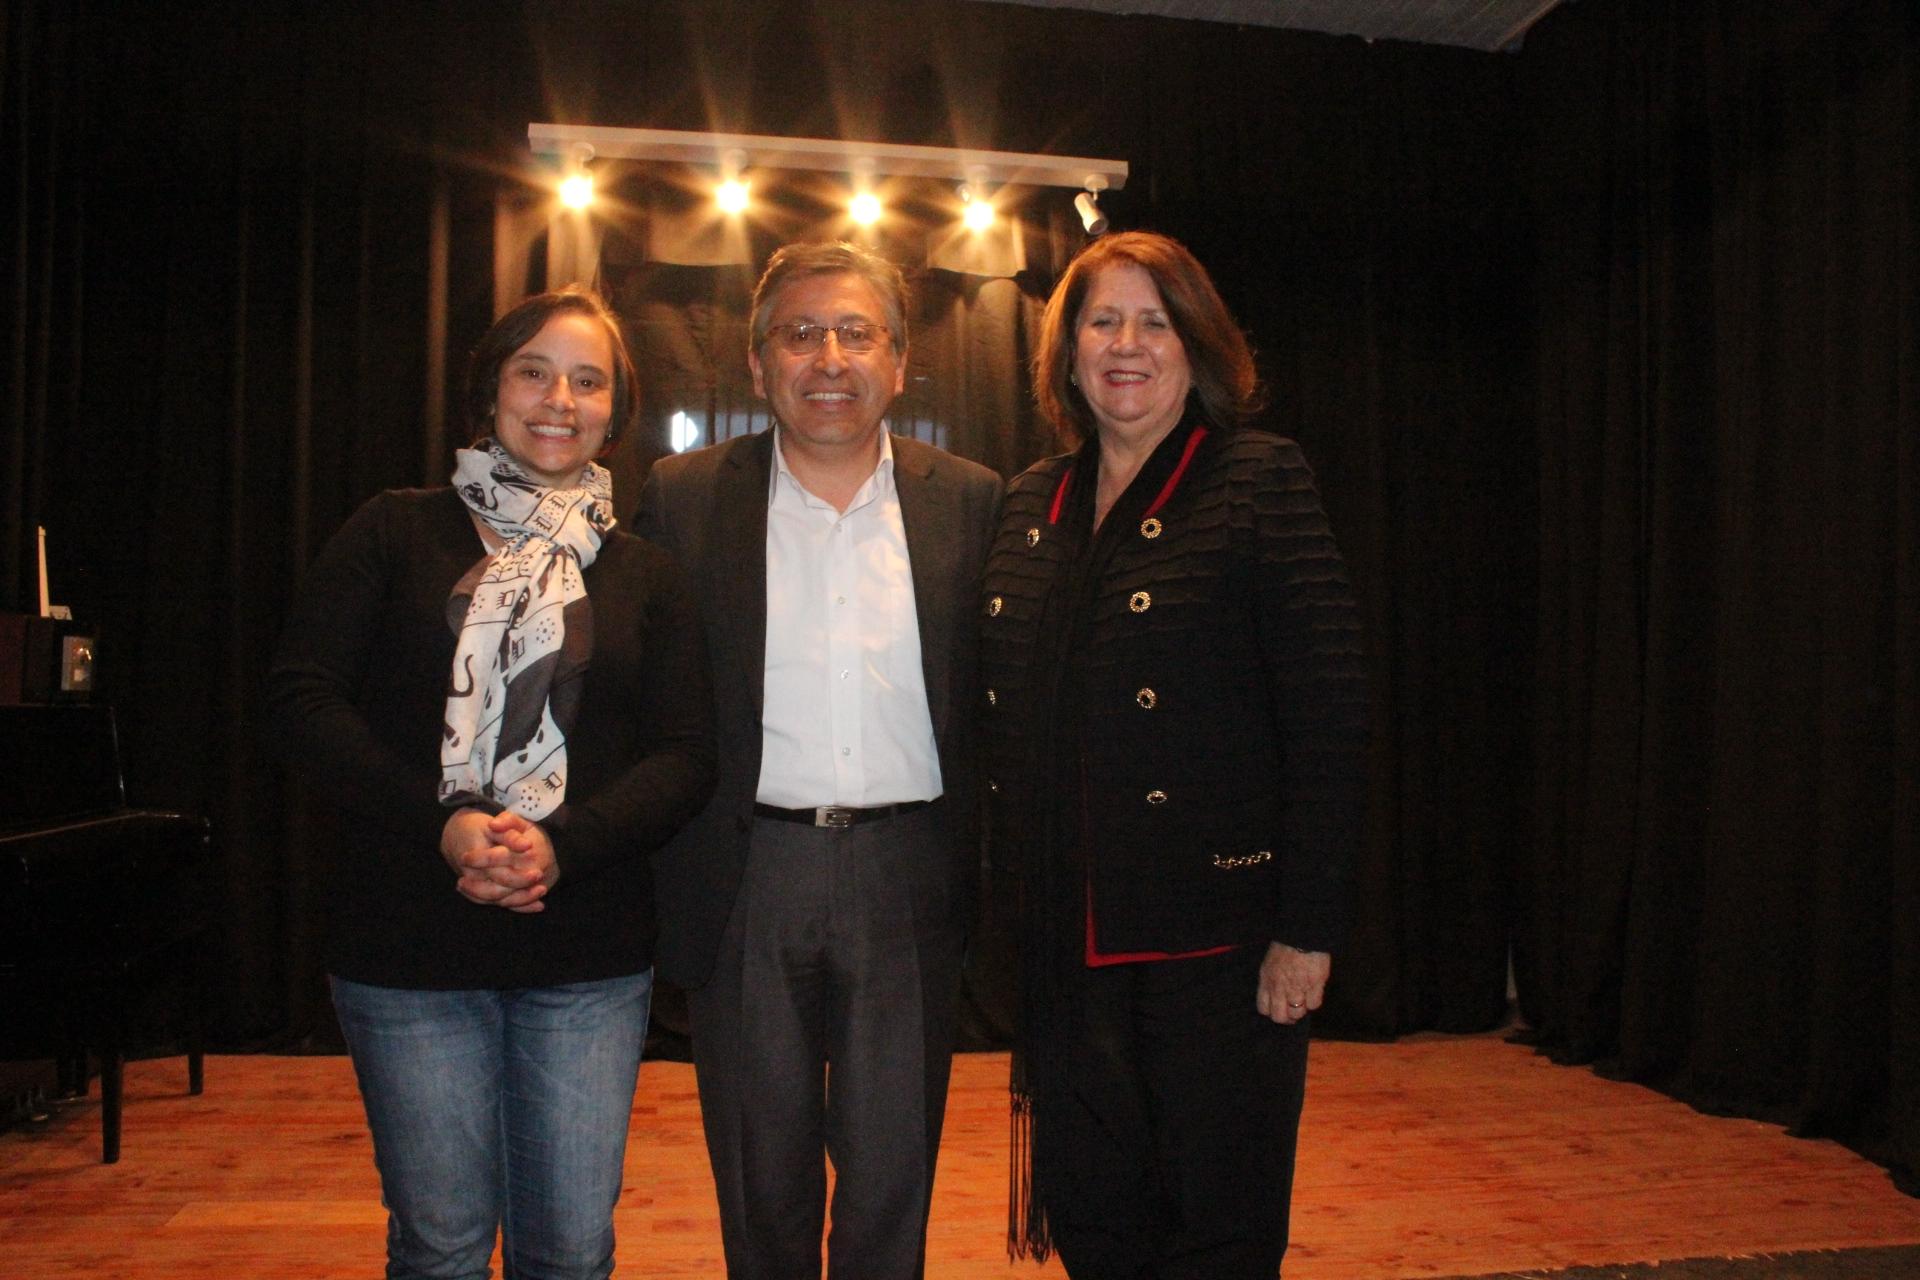 Ximena Nogueira, Directora Regional del CNCA de O'Higgins; Rubén Cerón, Alcalde de Pichidegua y Mirenchu Beitía, Gobernadora de Cachapoal